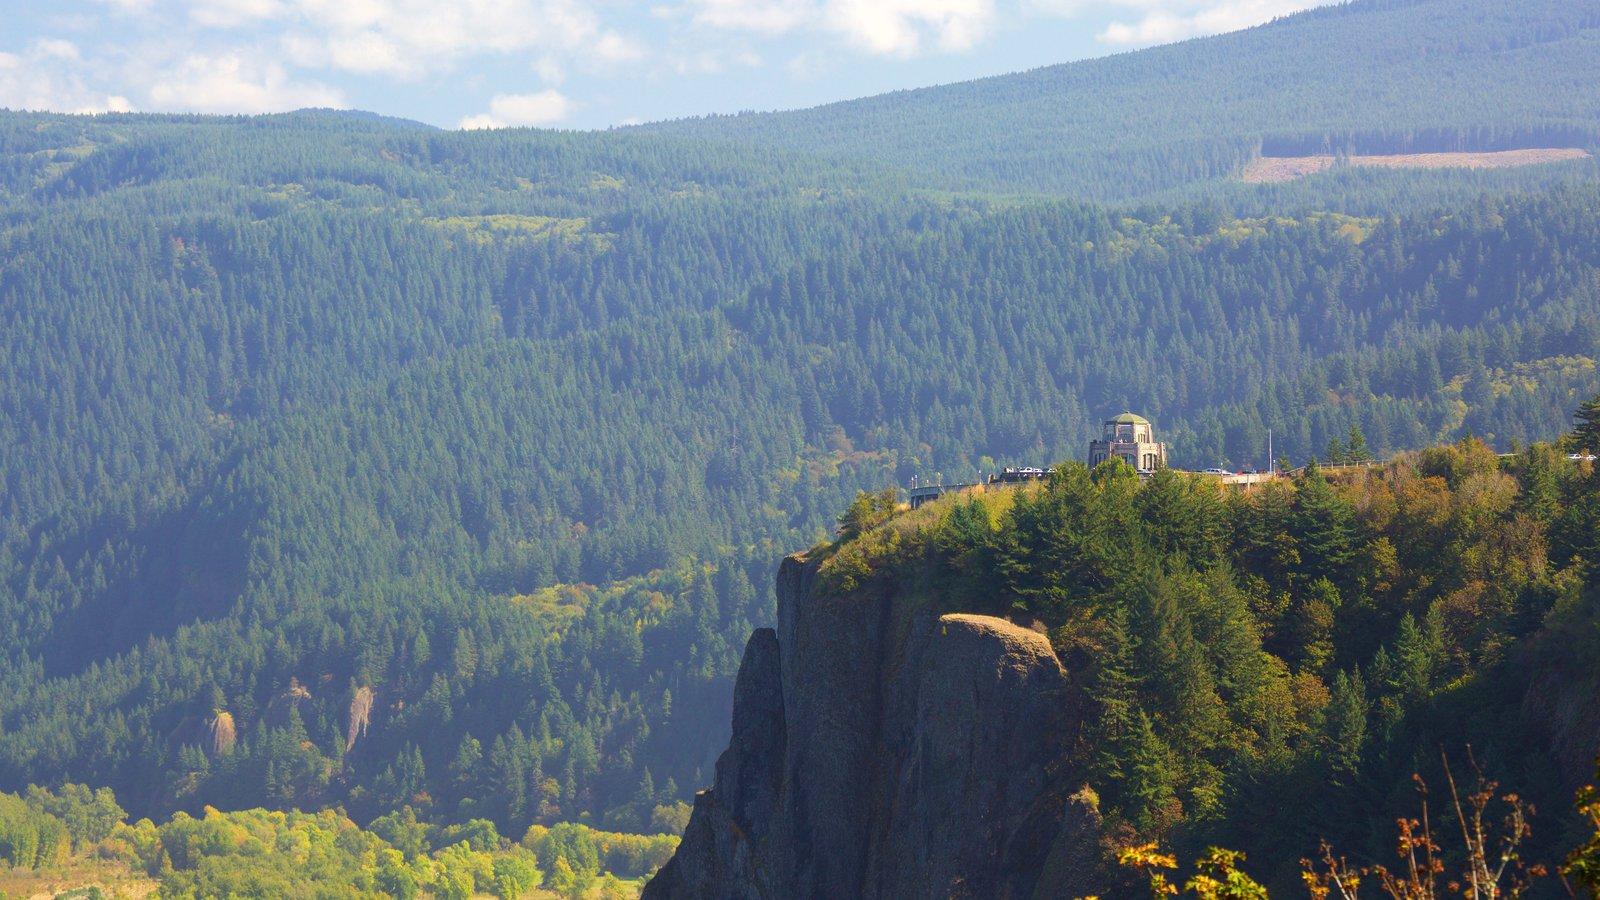 Portland caracterizando paisagem e montanhas